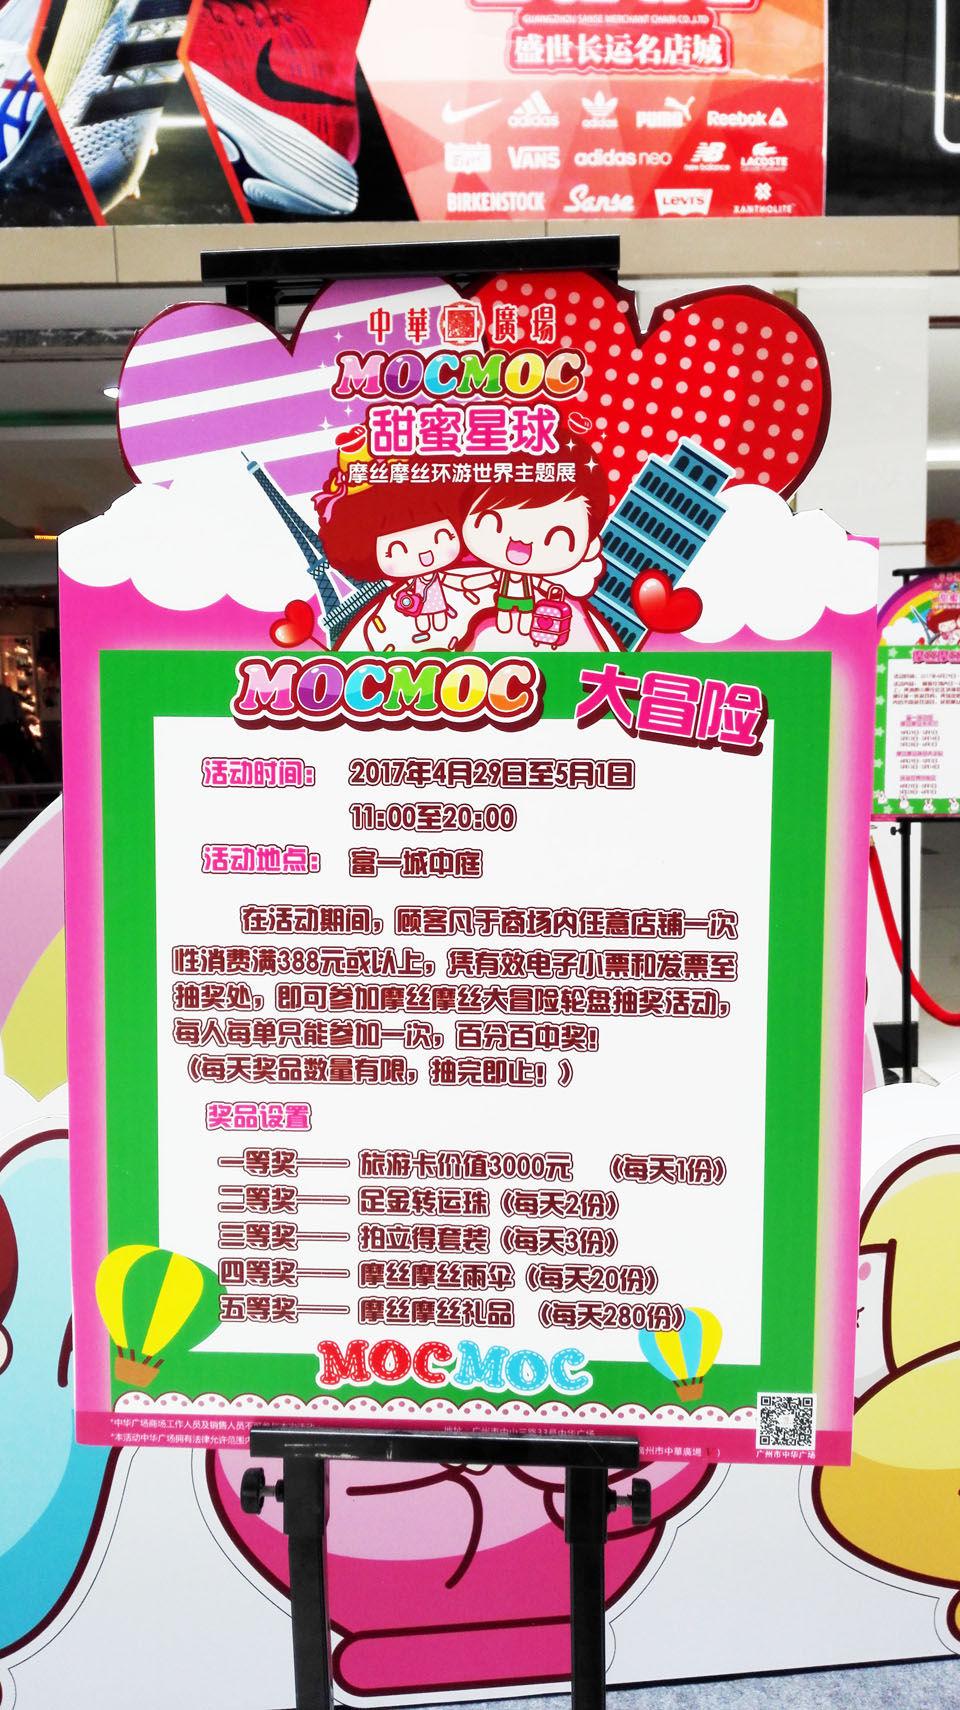 中华广场x摩丝摩丝甜蜜星球38.jpg